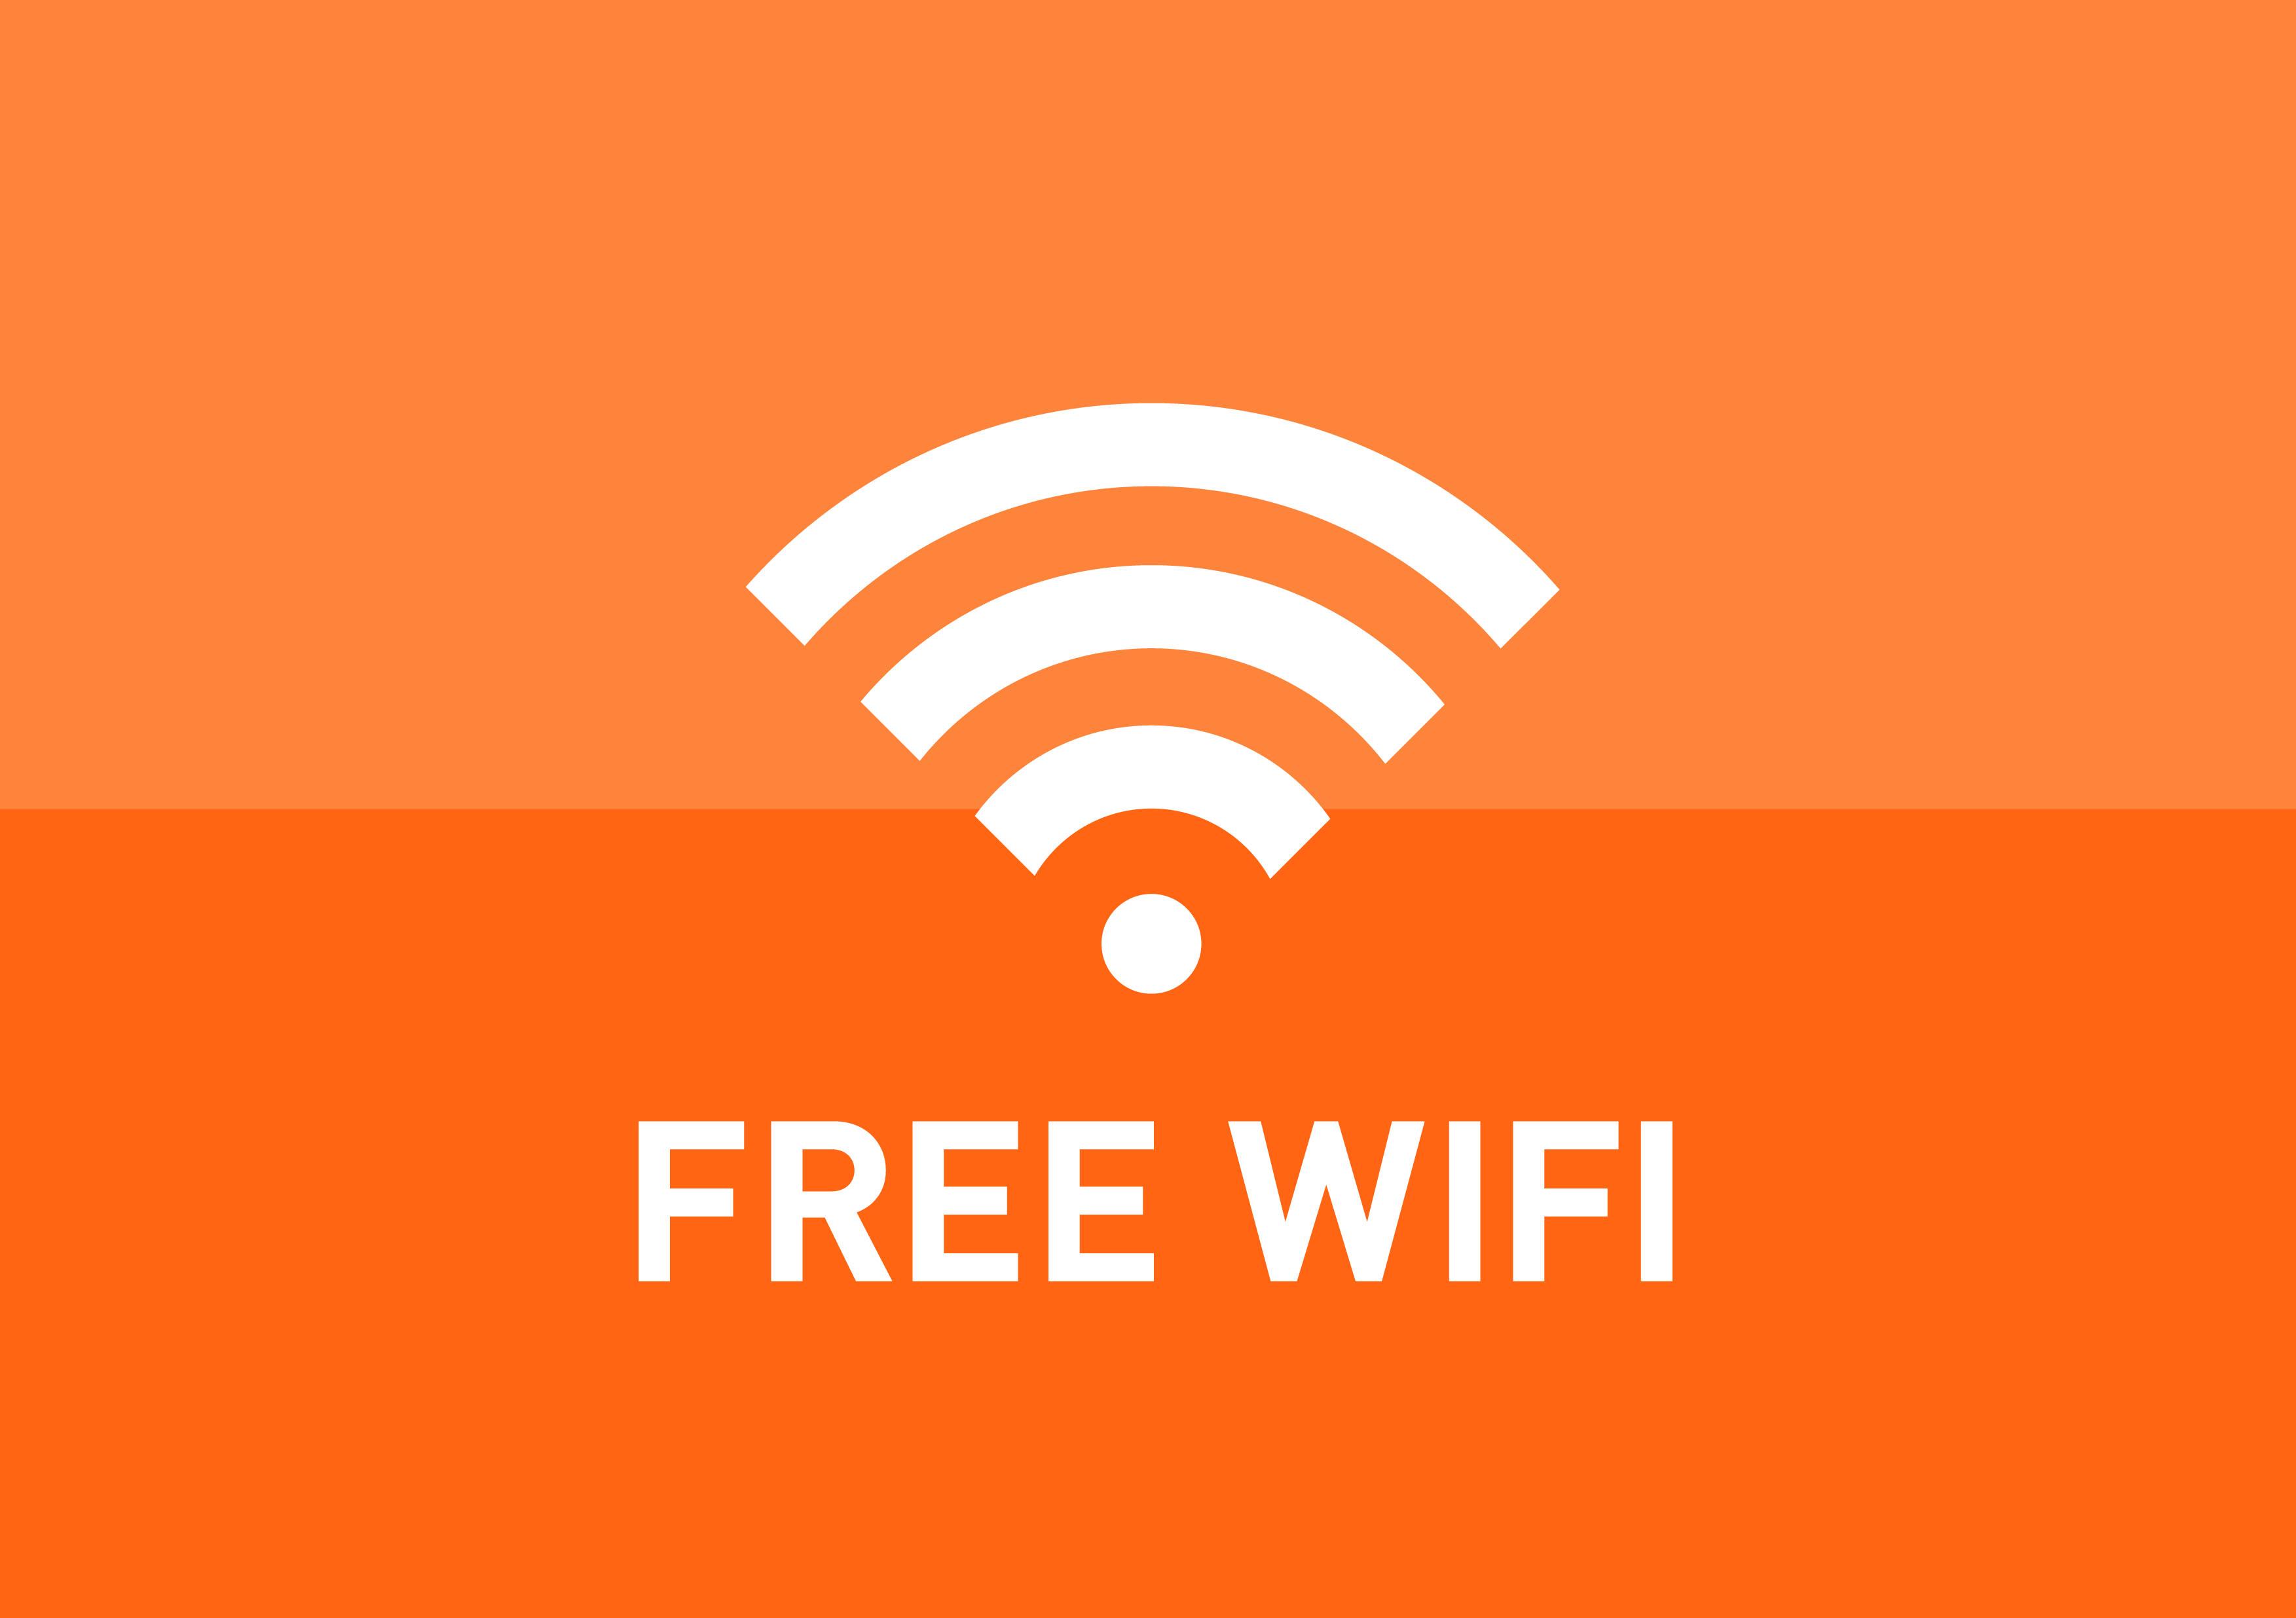 Free Wifi.